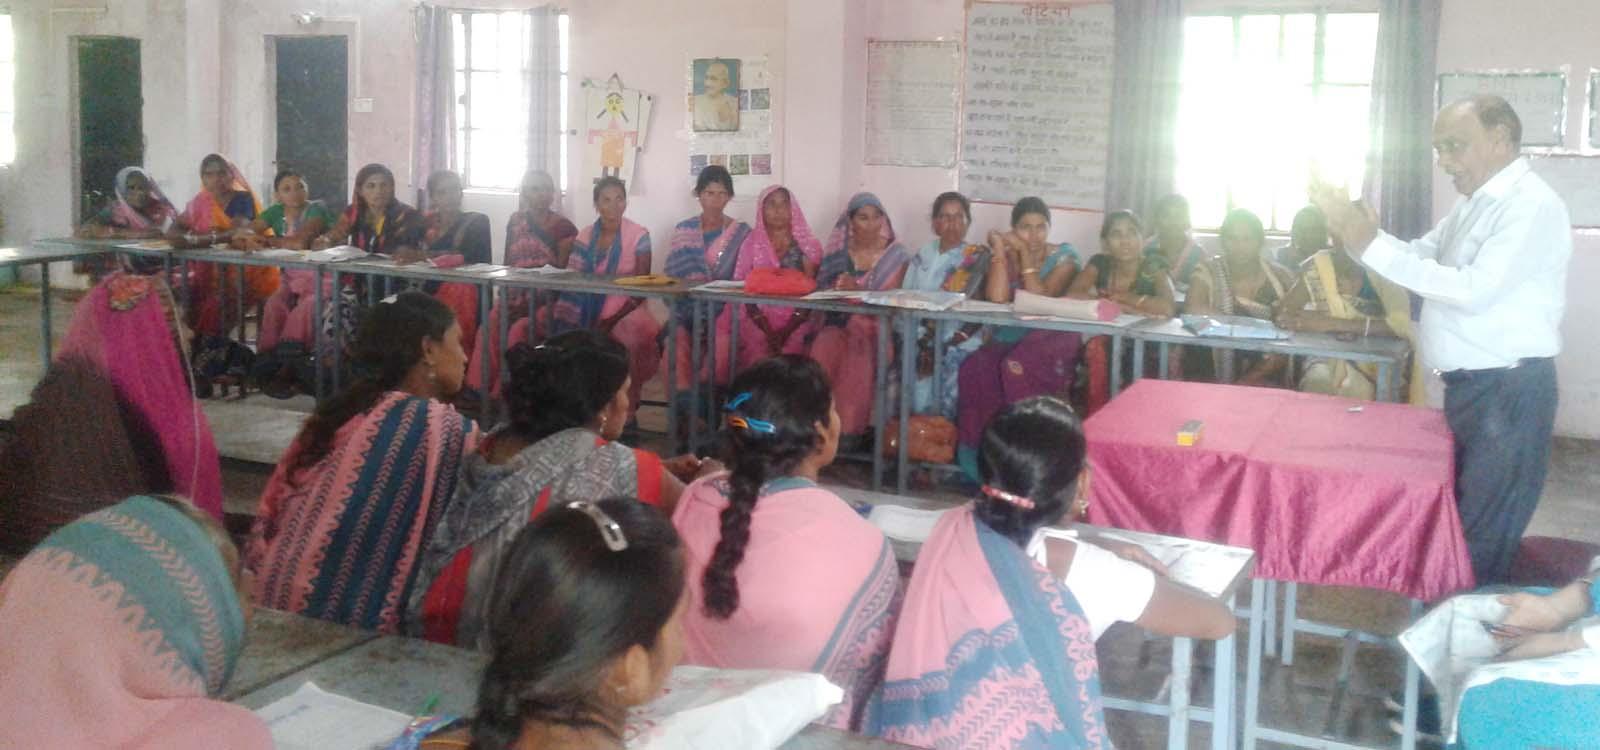 जिला आंगनवाड़ी कार्यकर्ता-सहायिका प्रशिक्षण केंद्र पर कार्यक्रम का हुआ आयोजन